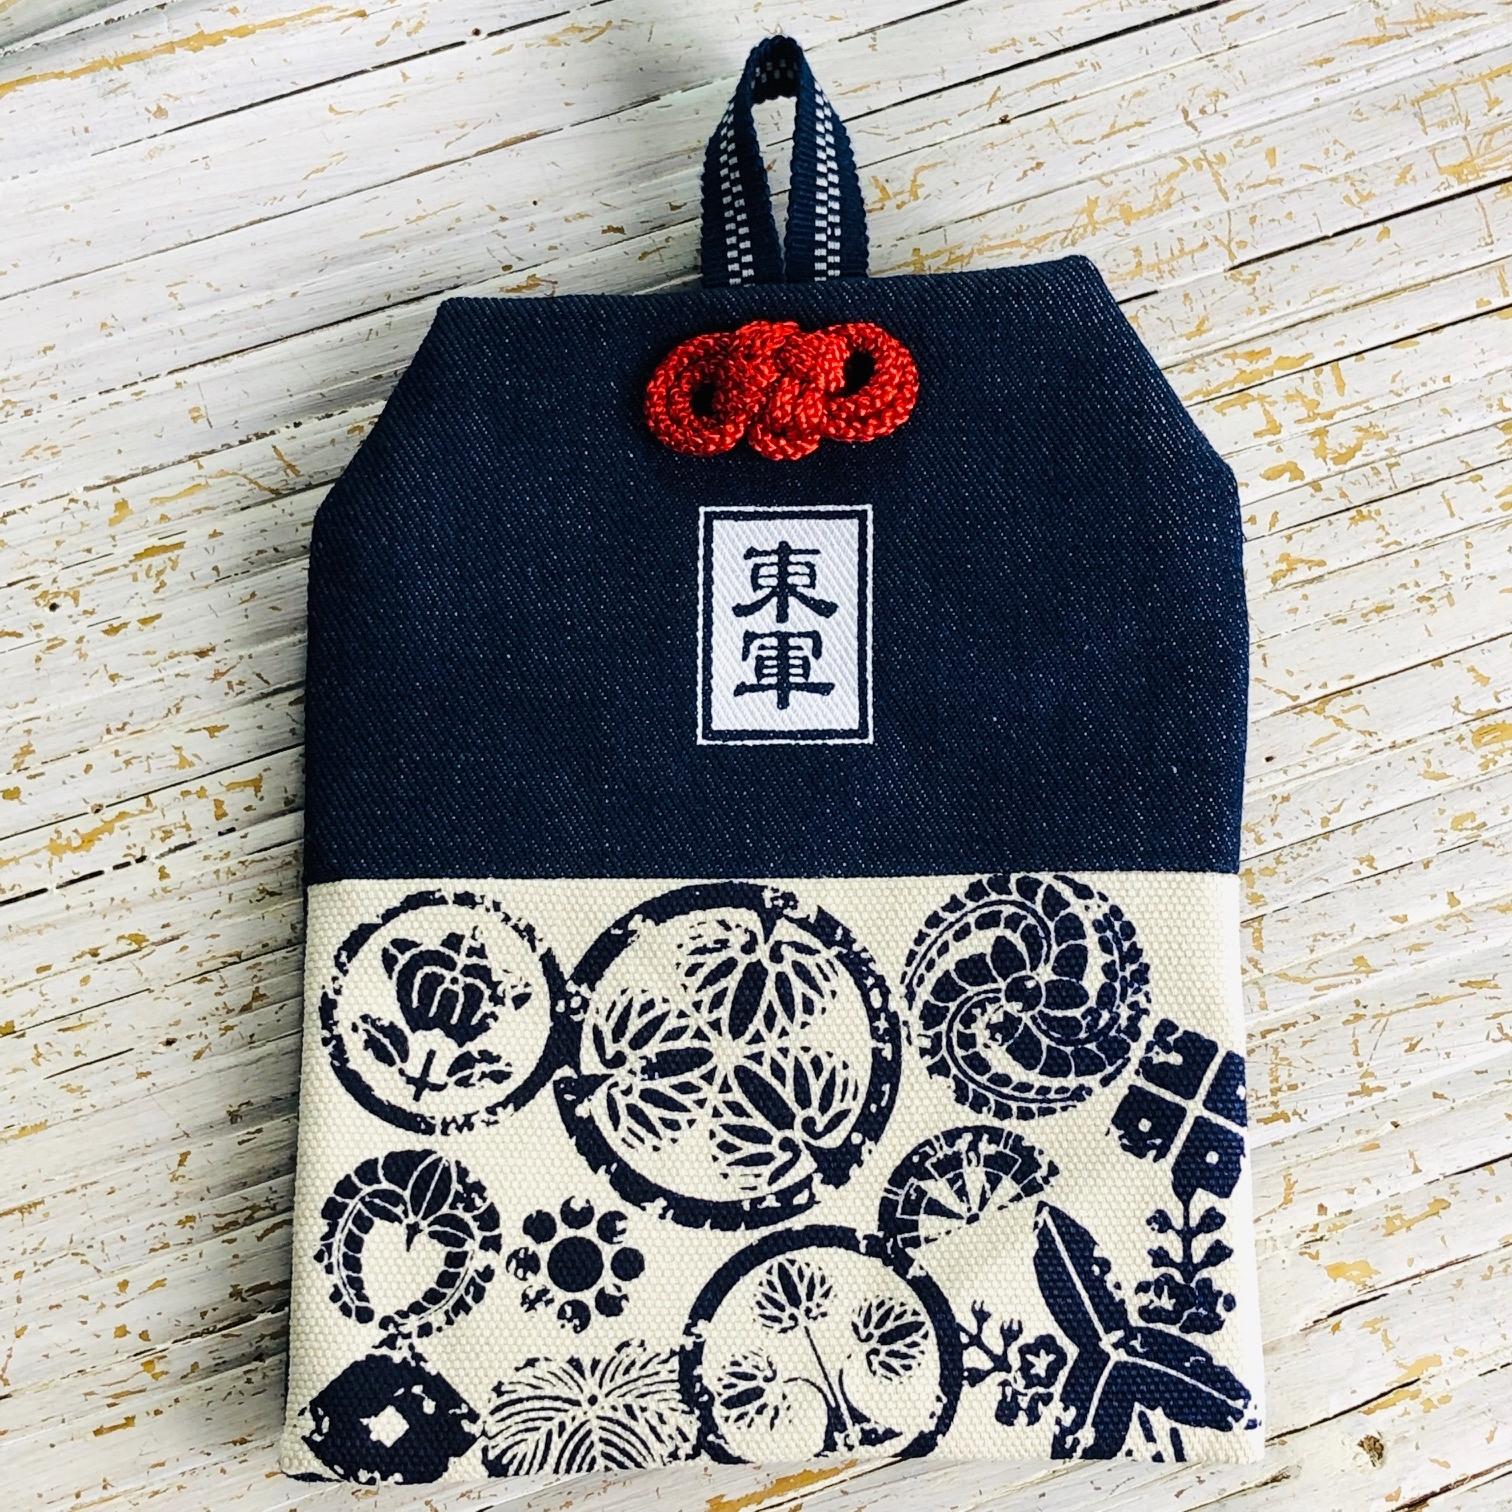 関ヶ原合戦 東軍家紋お守り型ポーチ